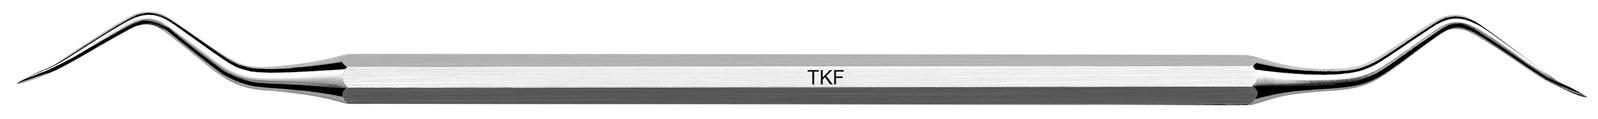 Nůž pro tunelovou techniku - TKF, ADEP světle modrý